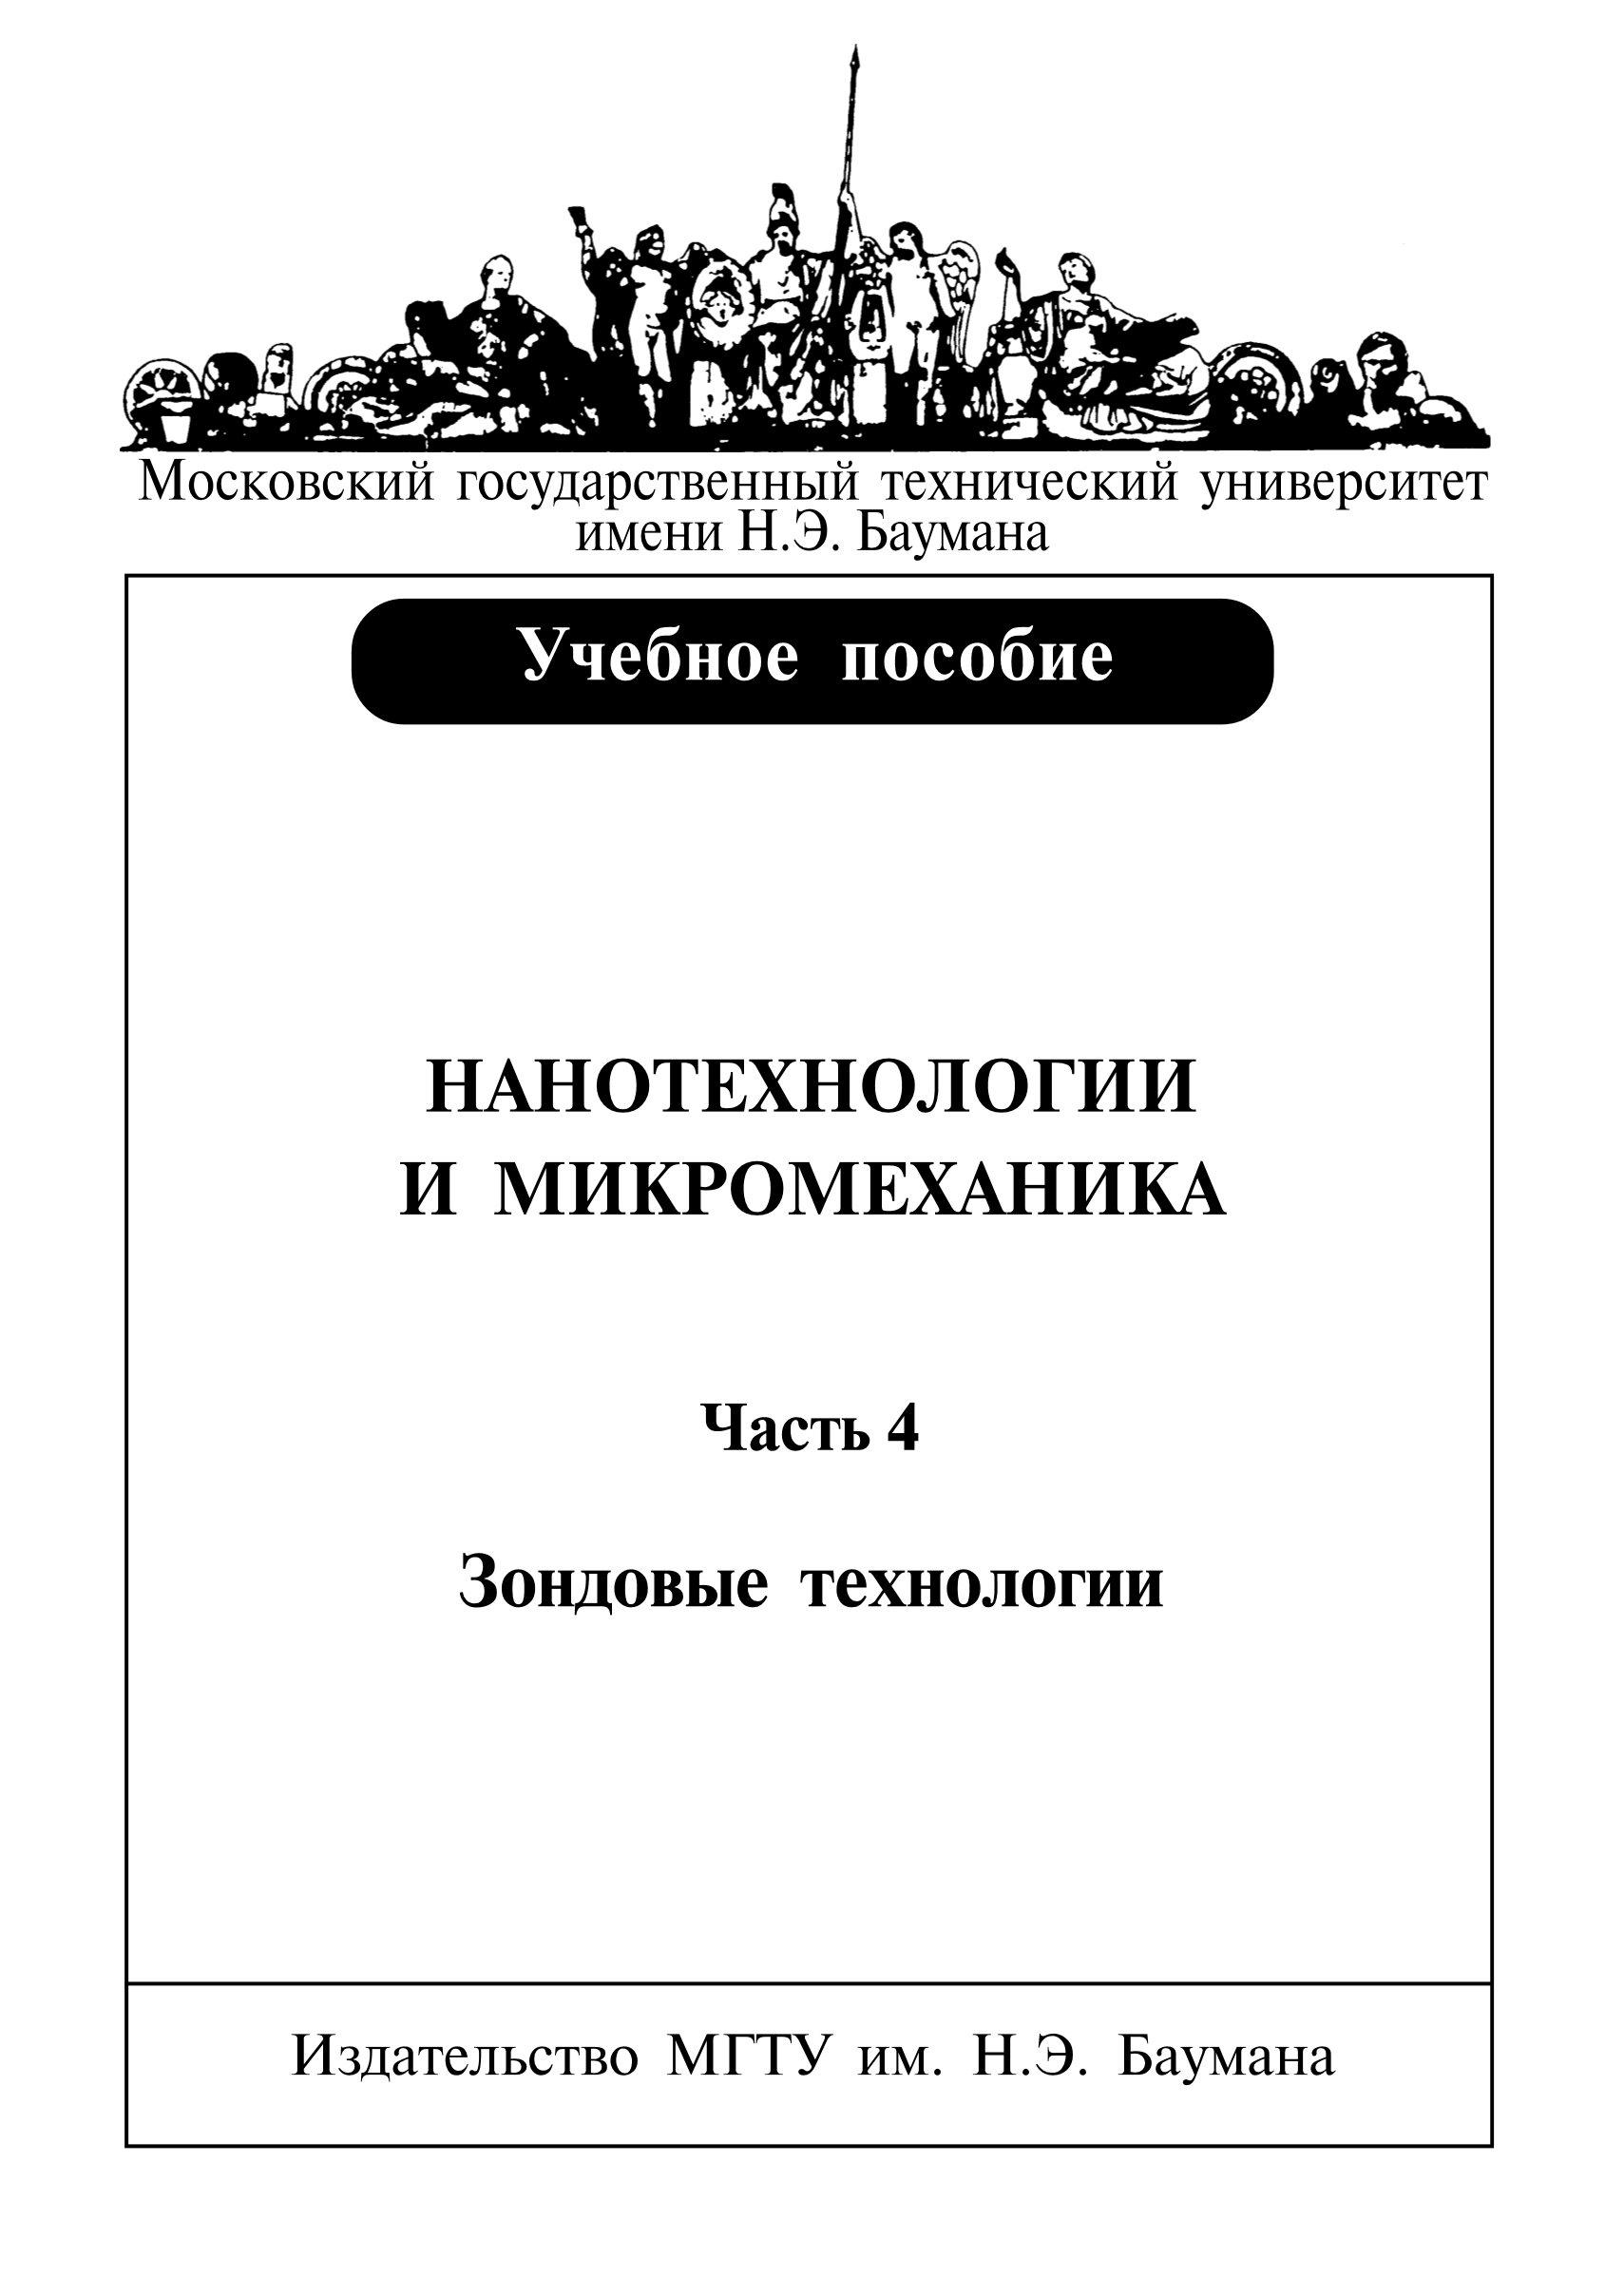 Валерий Башков Нанотехнологии и микромеханика. Часть 4. Зондовые нанотехнологии владимир неволин зондовые нанотехнологии в электронике